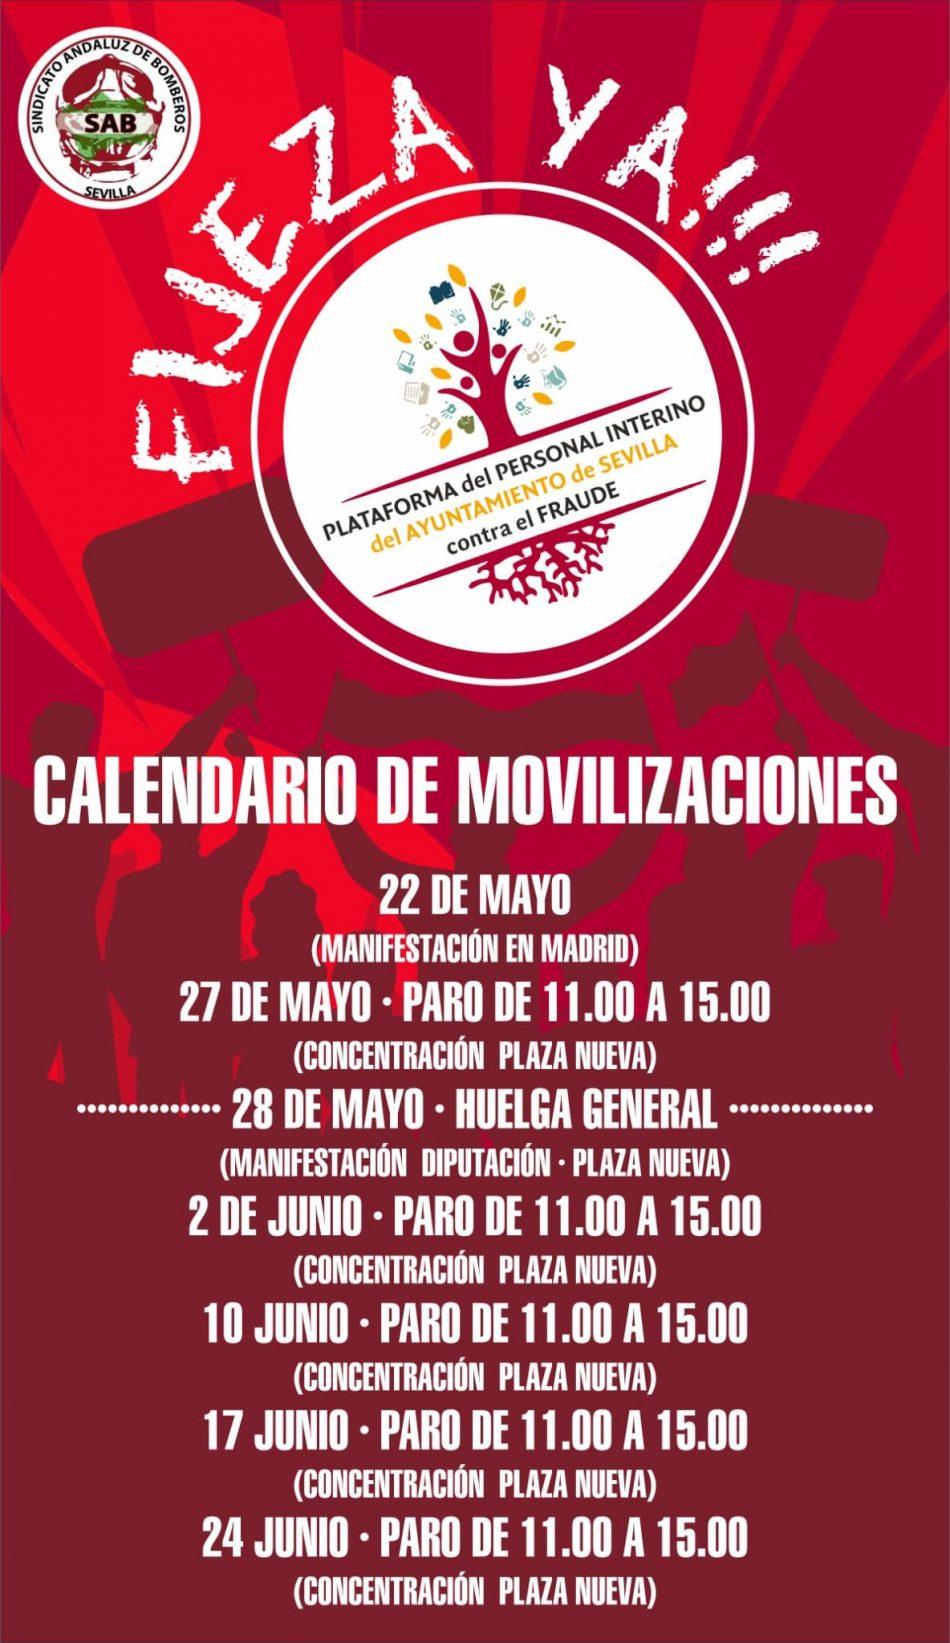 10J: Concentración de protesta del personal interino en Sevilla, Plaza Nueva